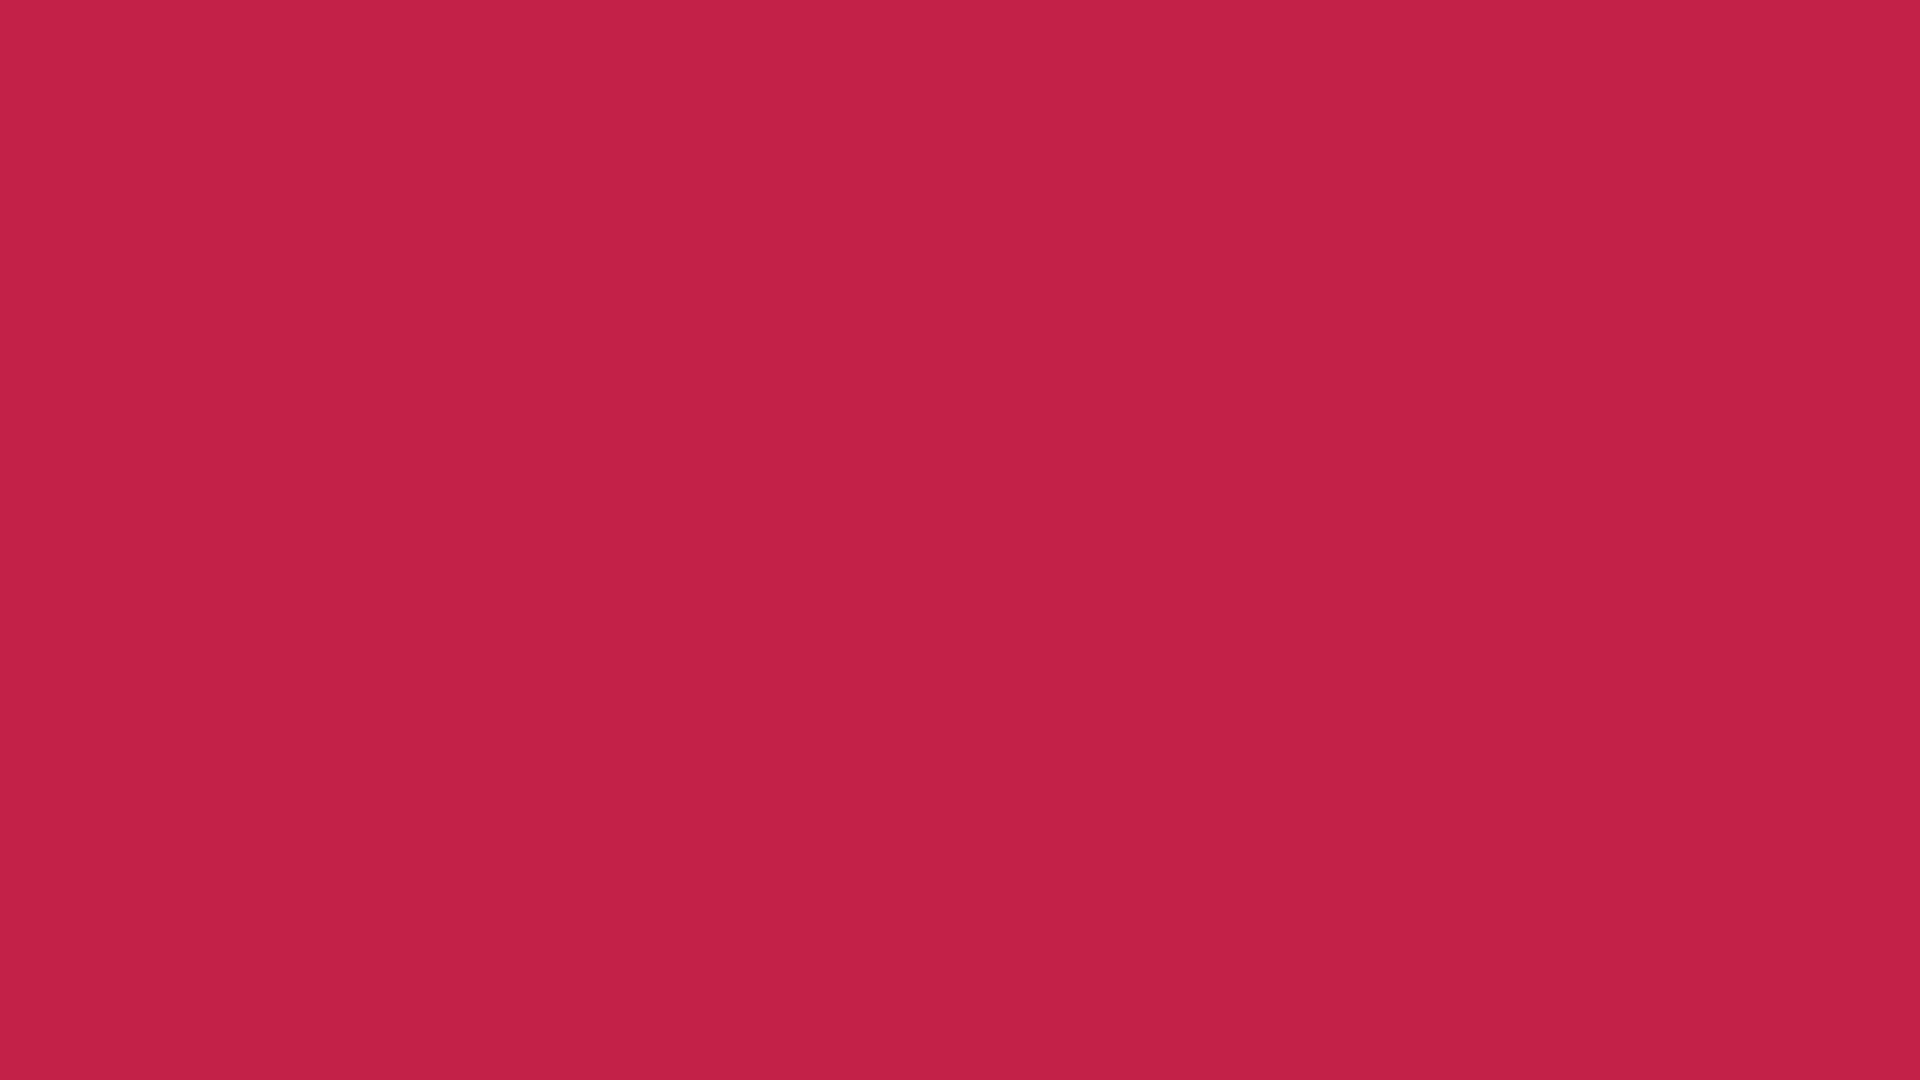 1920x1080 Maroon Crayola Solid Color Background